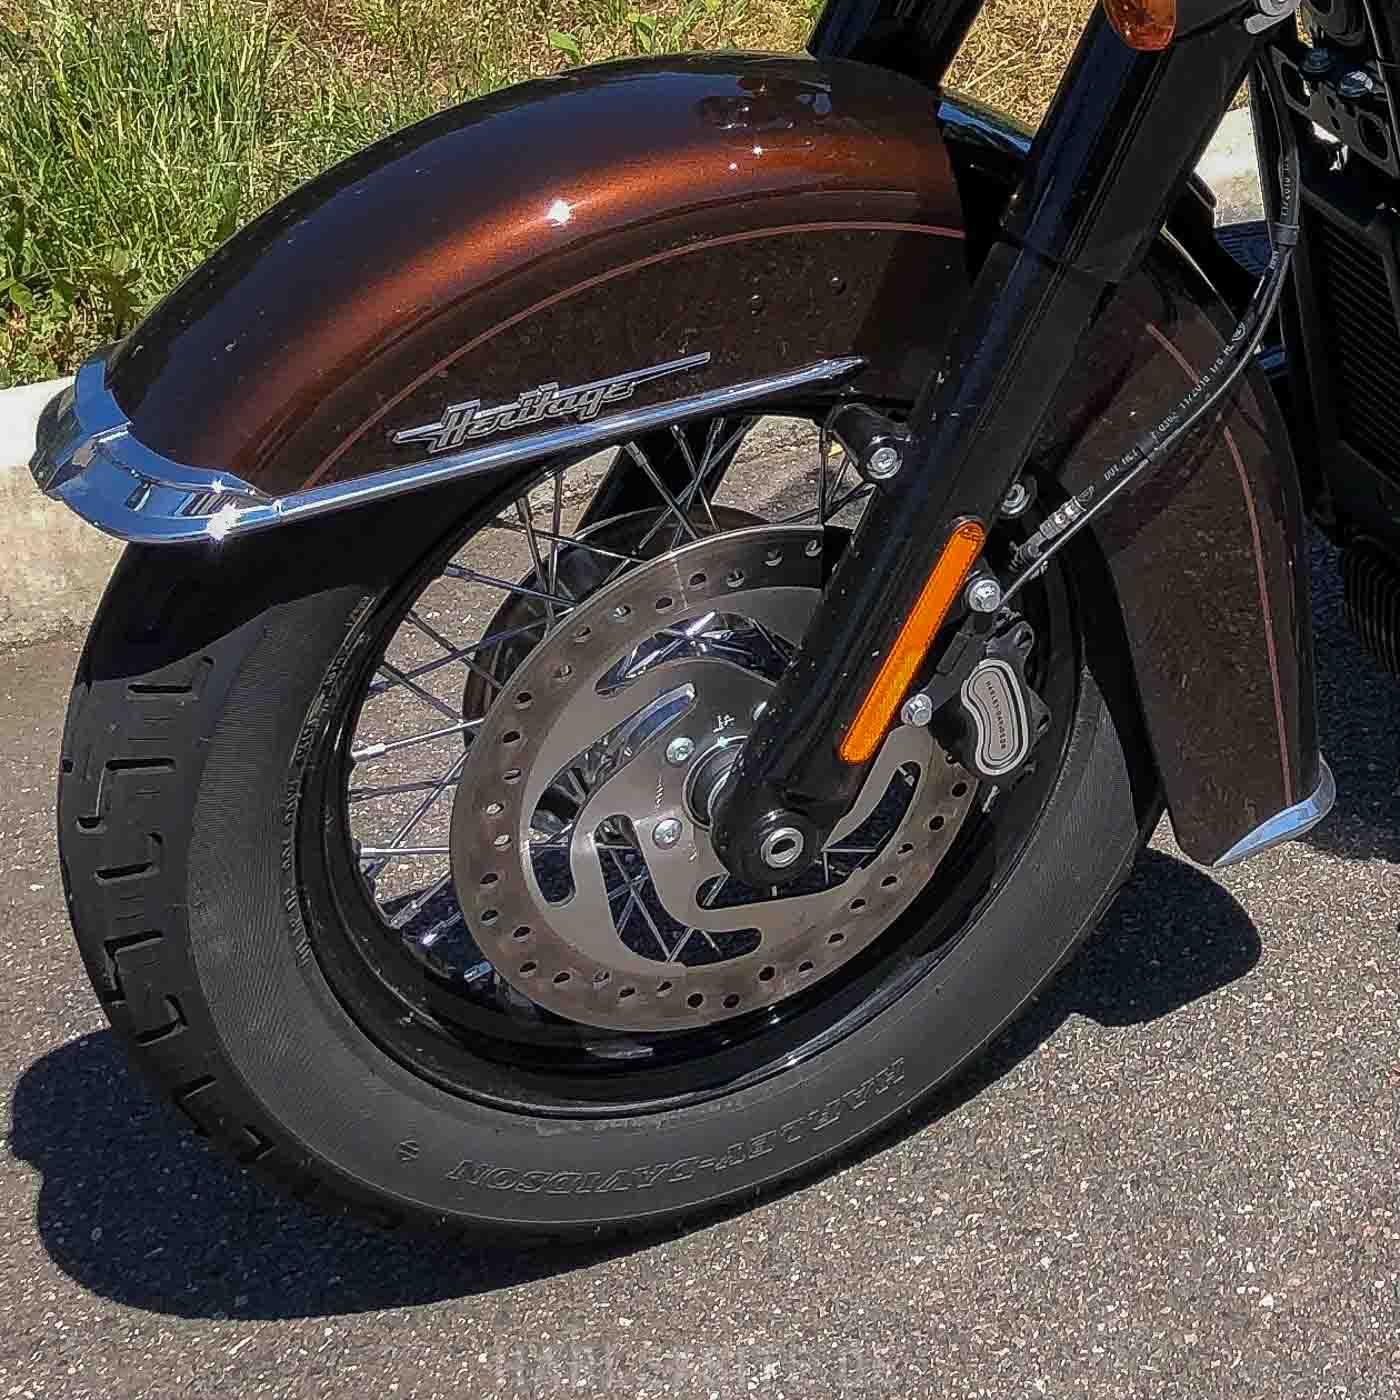 Zeigt die Scheibenbremse der Harley-Davidson Heritage Classic 114 2019